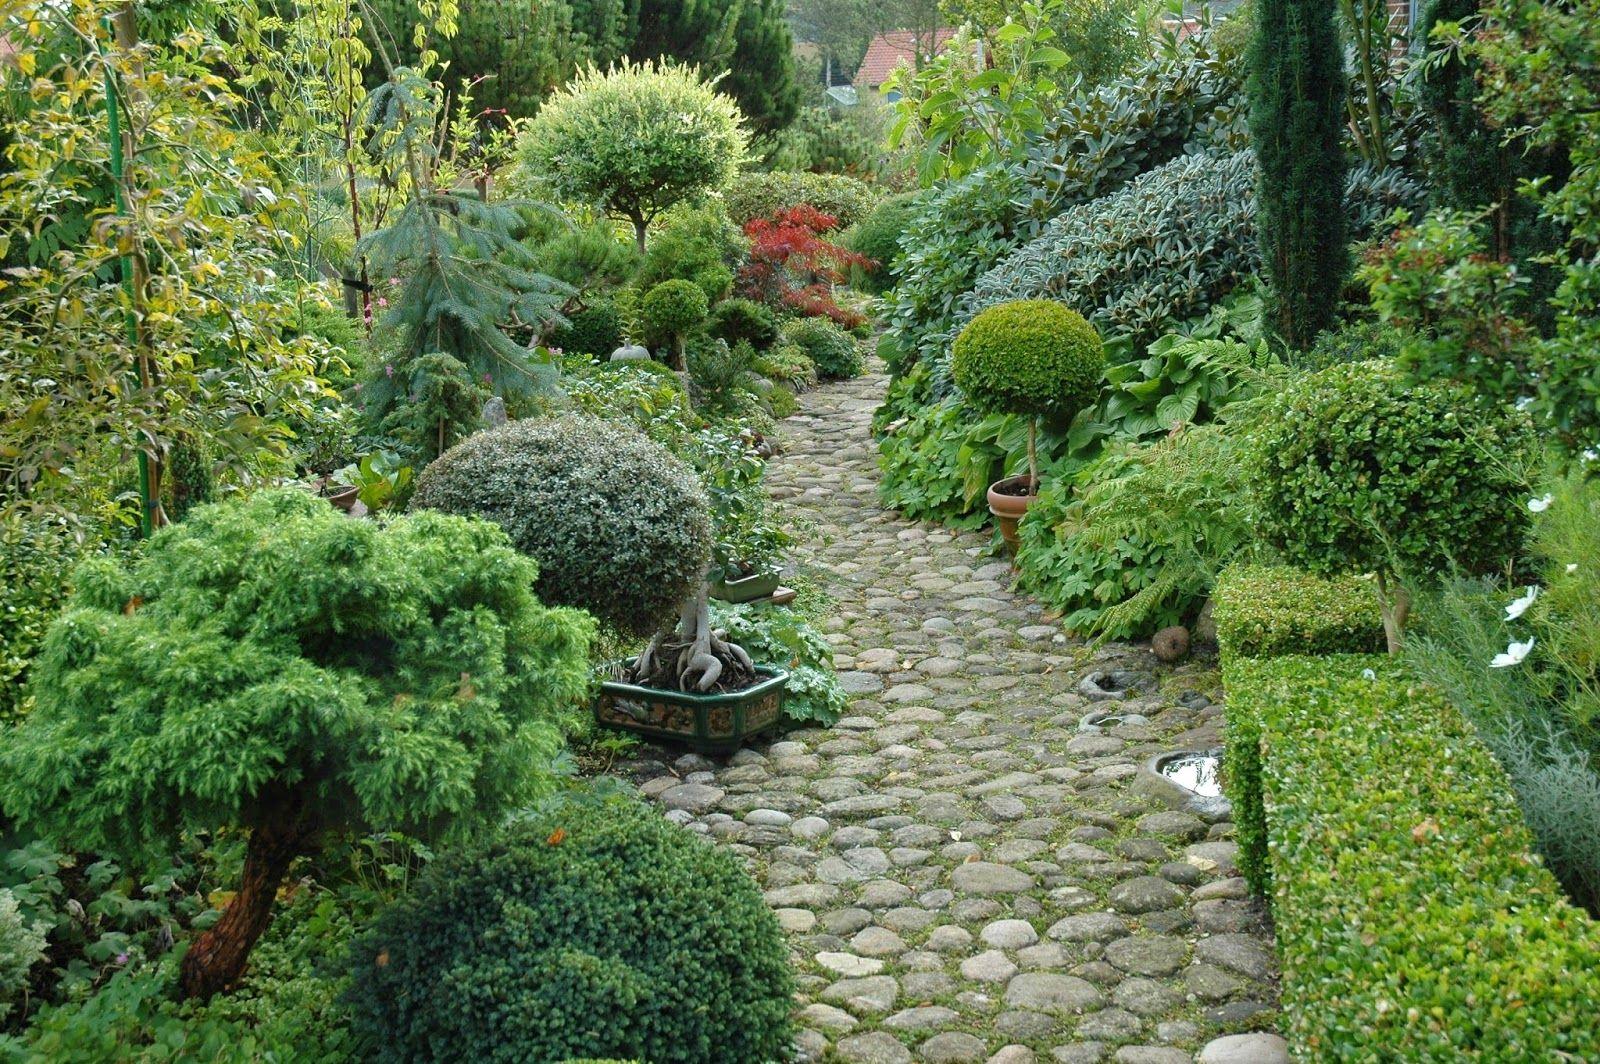 HAVETID: Åbne haver.